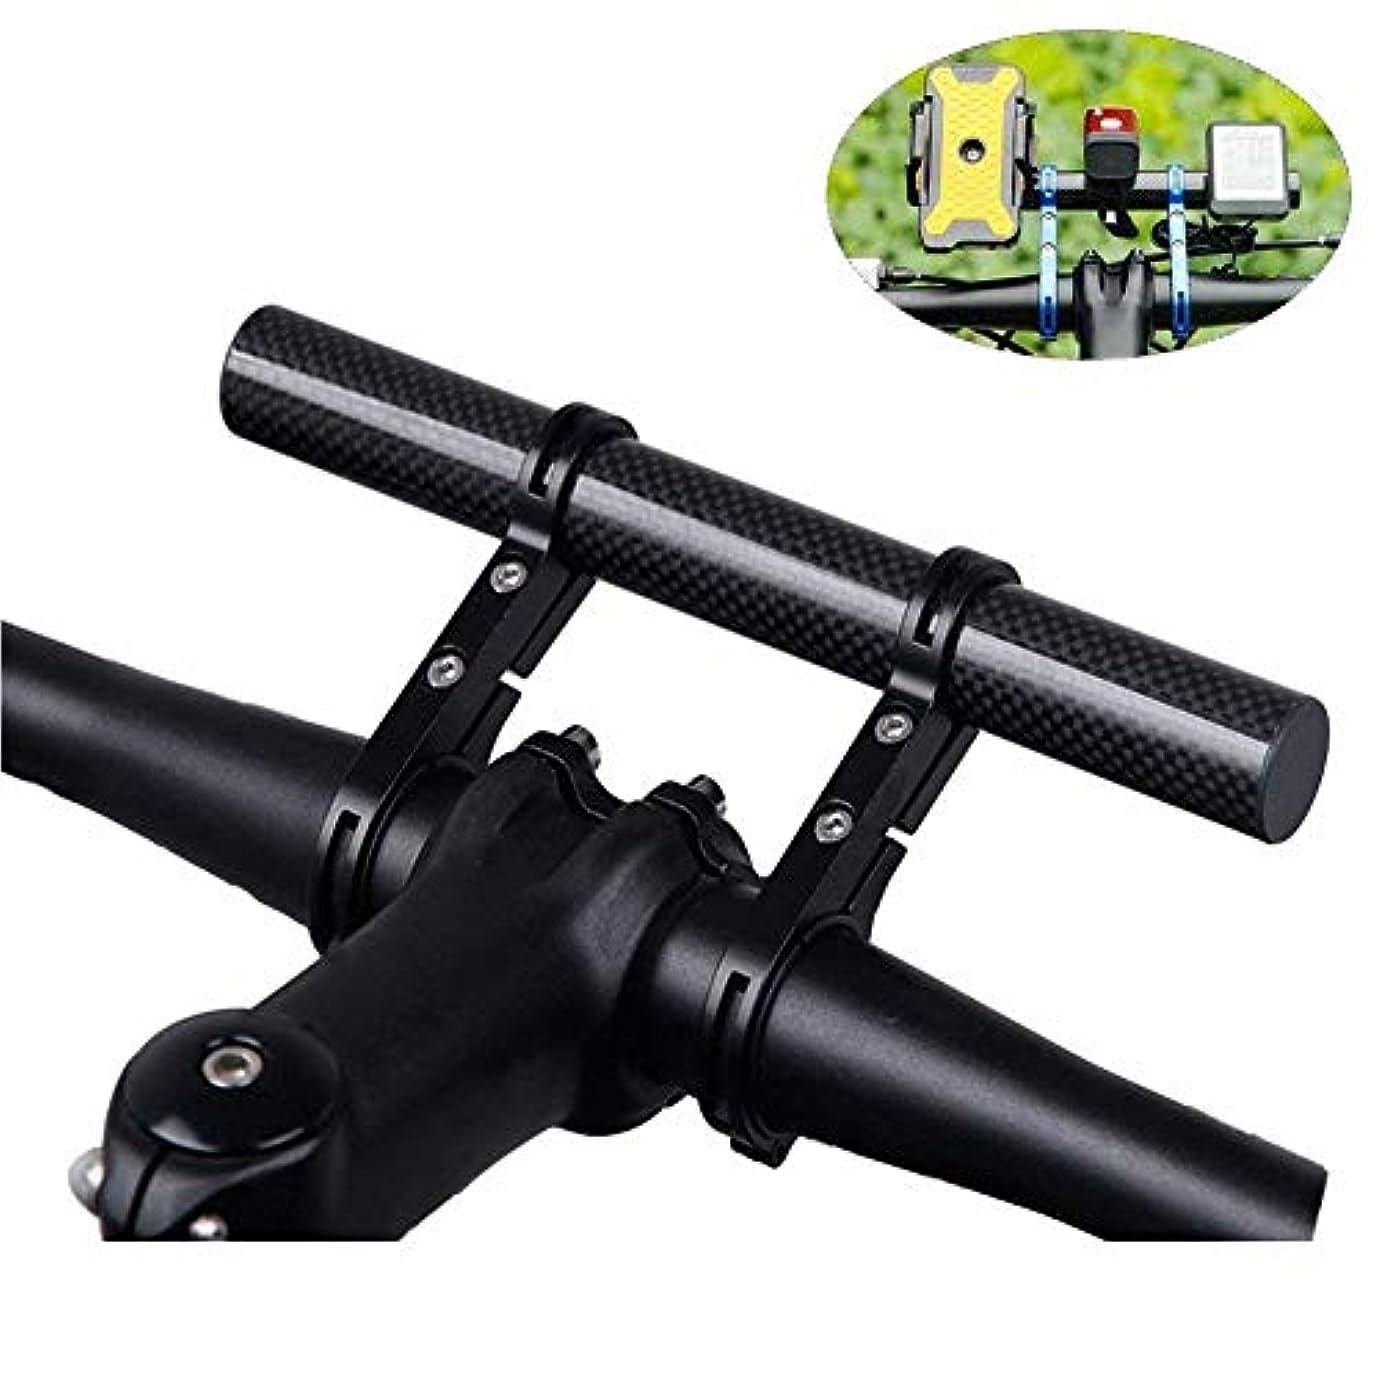 吹雪しないでくださいふさわしいダブルフレーム20CMカーボンファイバー自転車自転車ハンドルバーブラケットホルダー自転車ライト用エクステンダー懐中電灯自転車スピードメーター、六角穴付きネジ(黒)